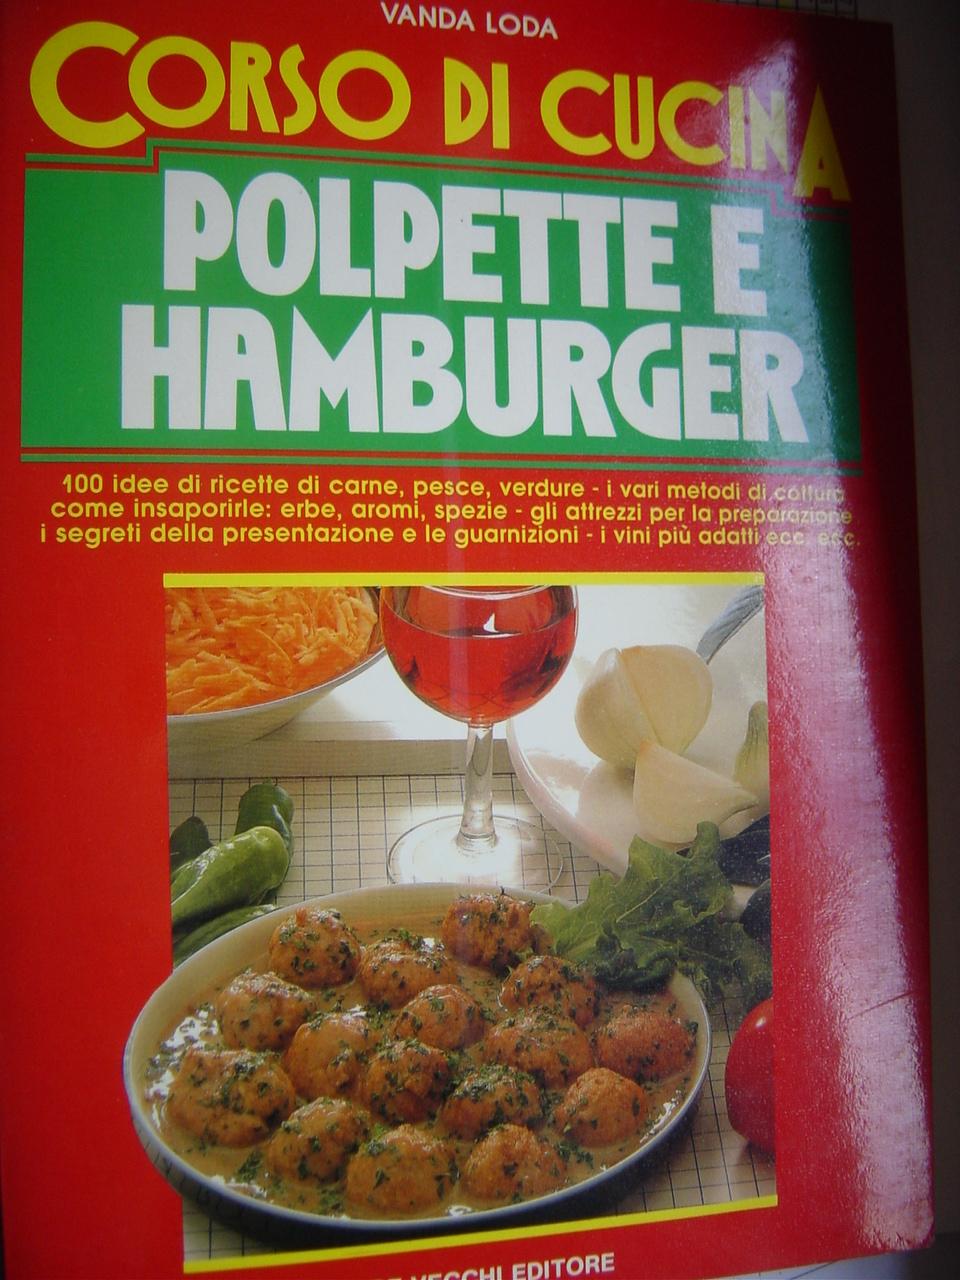 Corso di cucina: polpette e hamburger